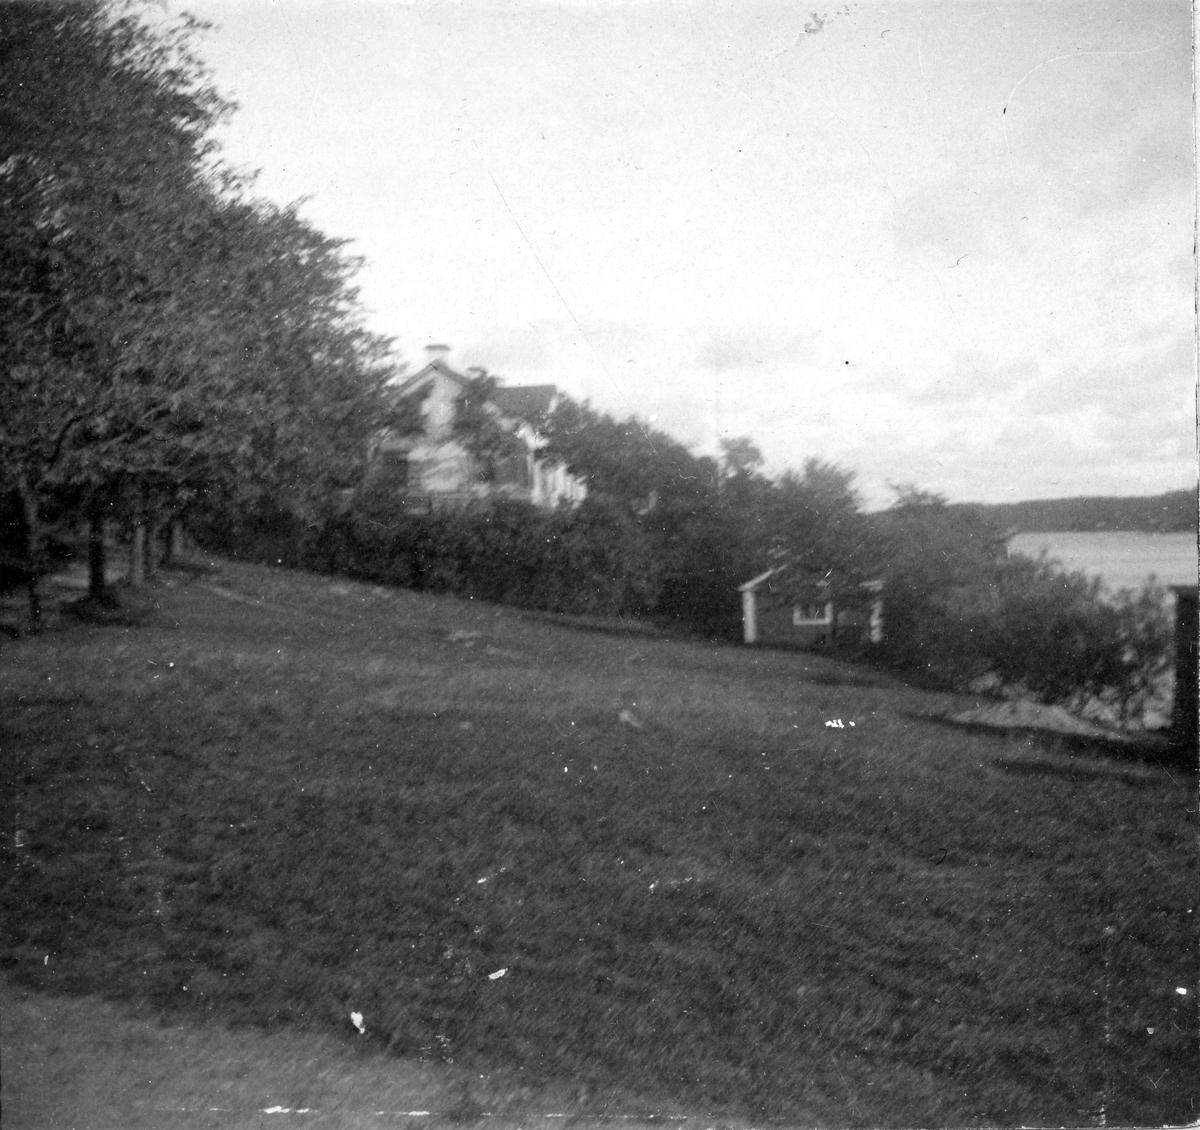 Ett bostadshus. Fotograf Alfred Bergendahl. Givare H Bergendahl.